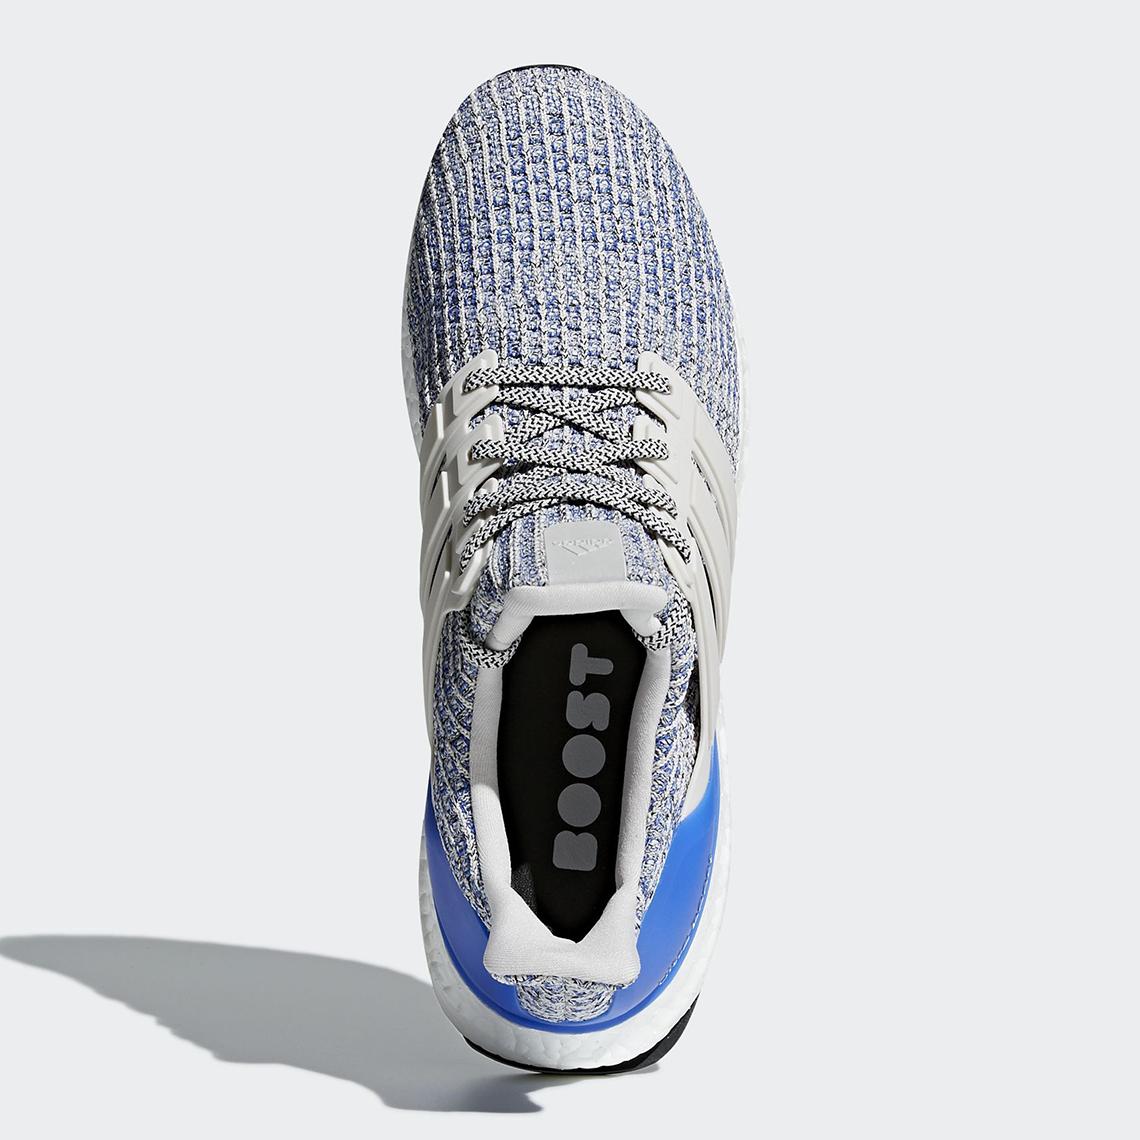 Adidas De Ultra Impulso 4.0 Blanco / Azul Real zWLL1